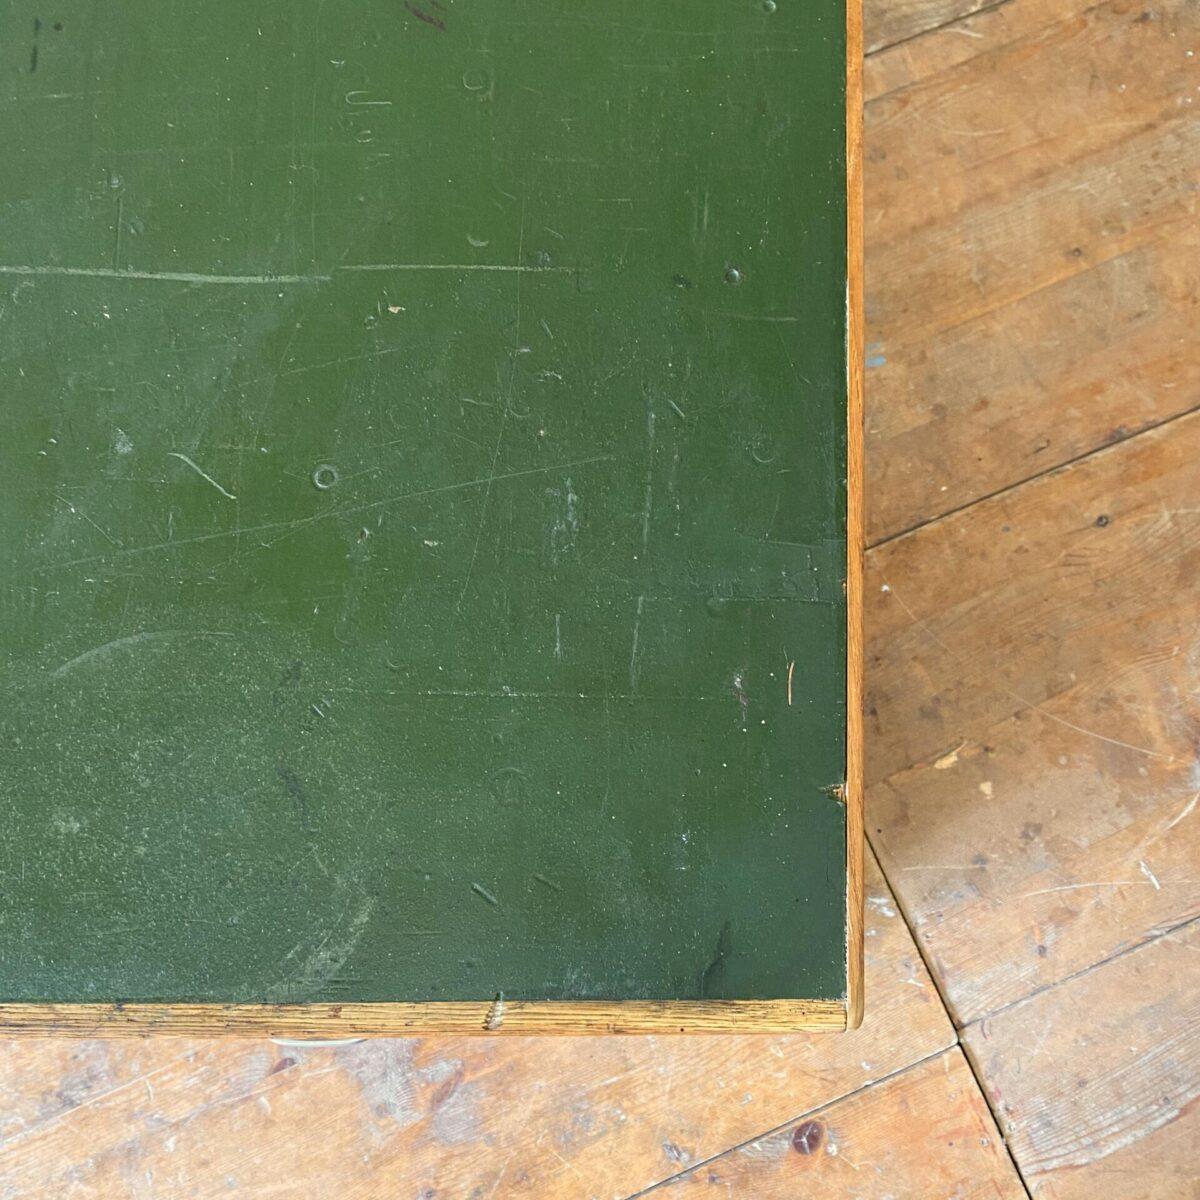 Deuxieme.shop industrial Schubladenkorpus Sideboard. Schubladenmöbel aus Eiche mit grünem Linoleum Deckblatt. 182x59cm Höhe 80cm. Die Linoleum Oberfläche ist stark benutzt worden, diverse hicke, Schrammen und Verfärbungen. Soweit aber stabil und gleichmässig verbraucht. Die Schubladen laufen alle gut, in der Mitte der Kommode hat es vier Fächer. Das Sideboard steht auf einem schwarzen zurückversetzten Sockel.